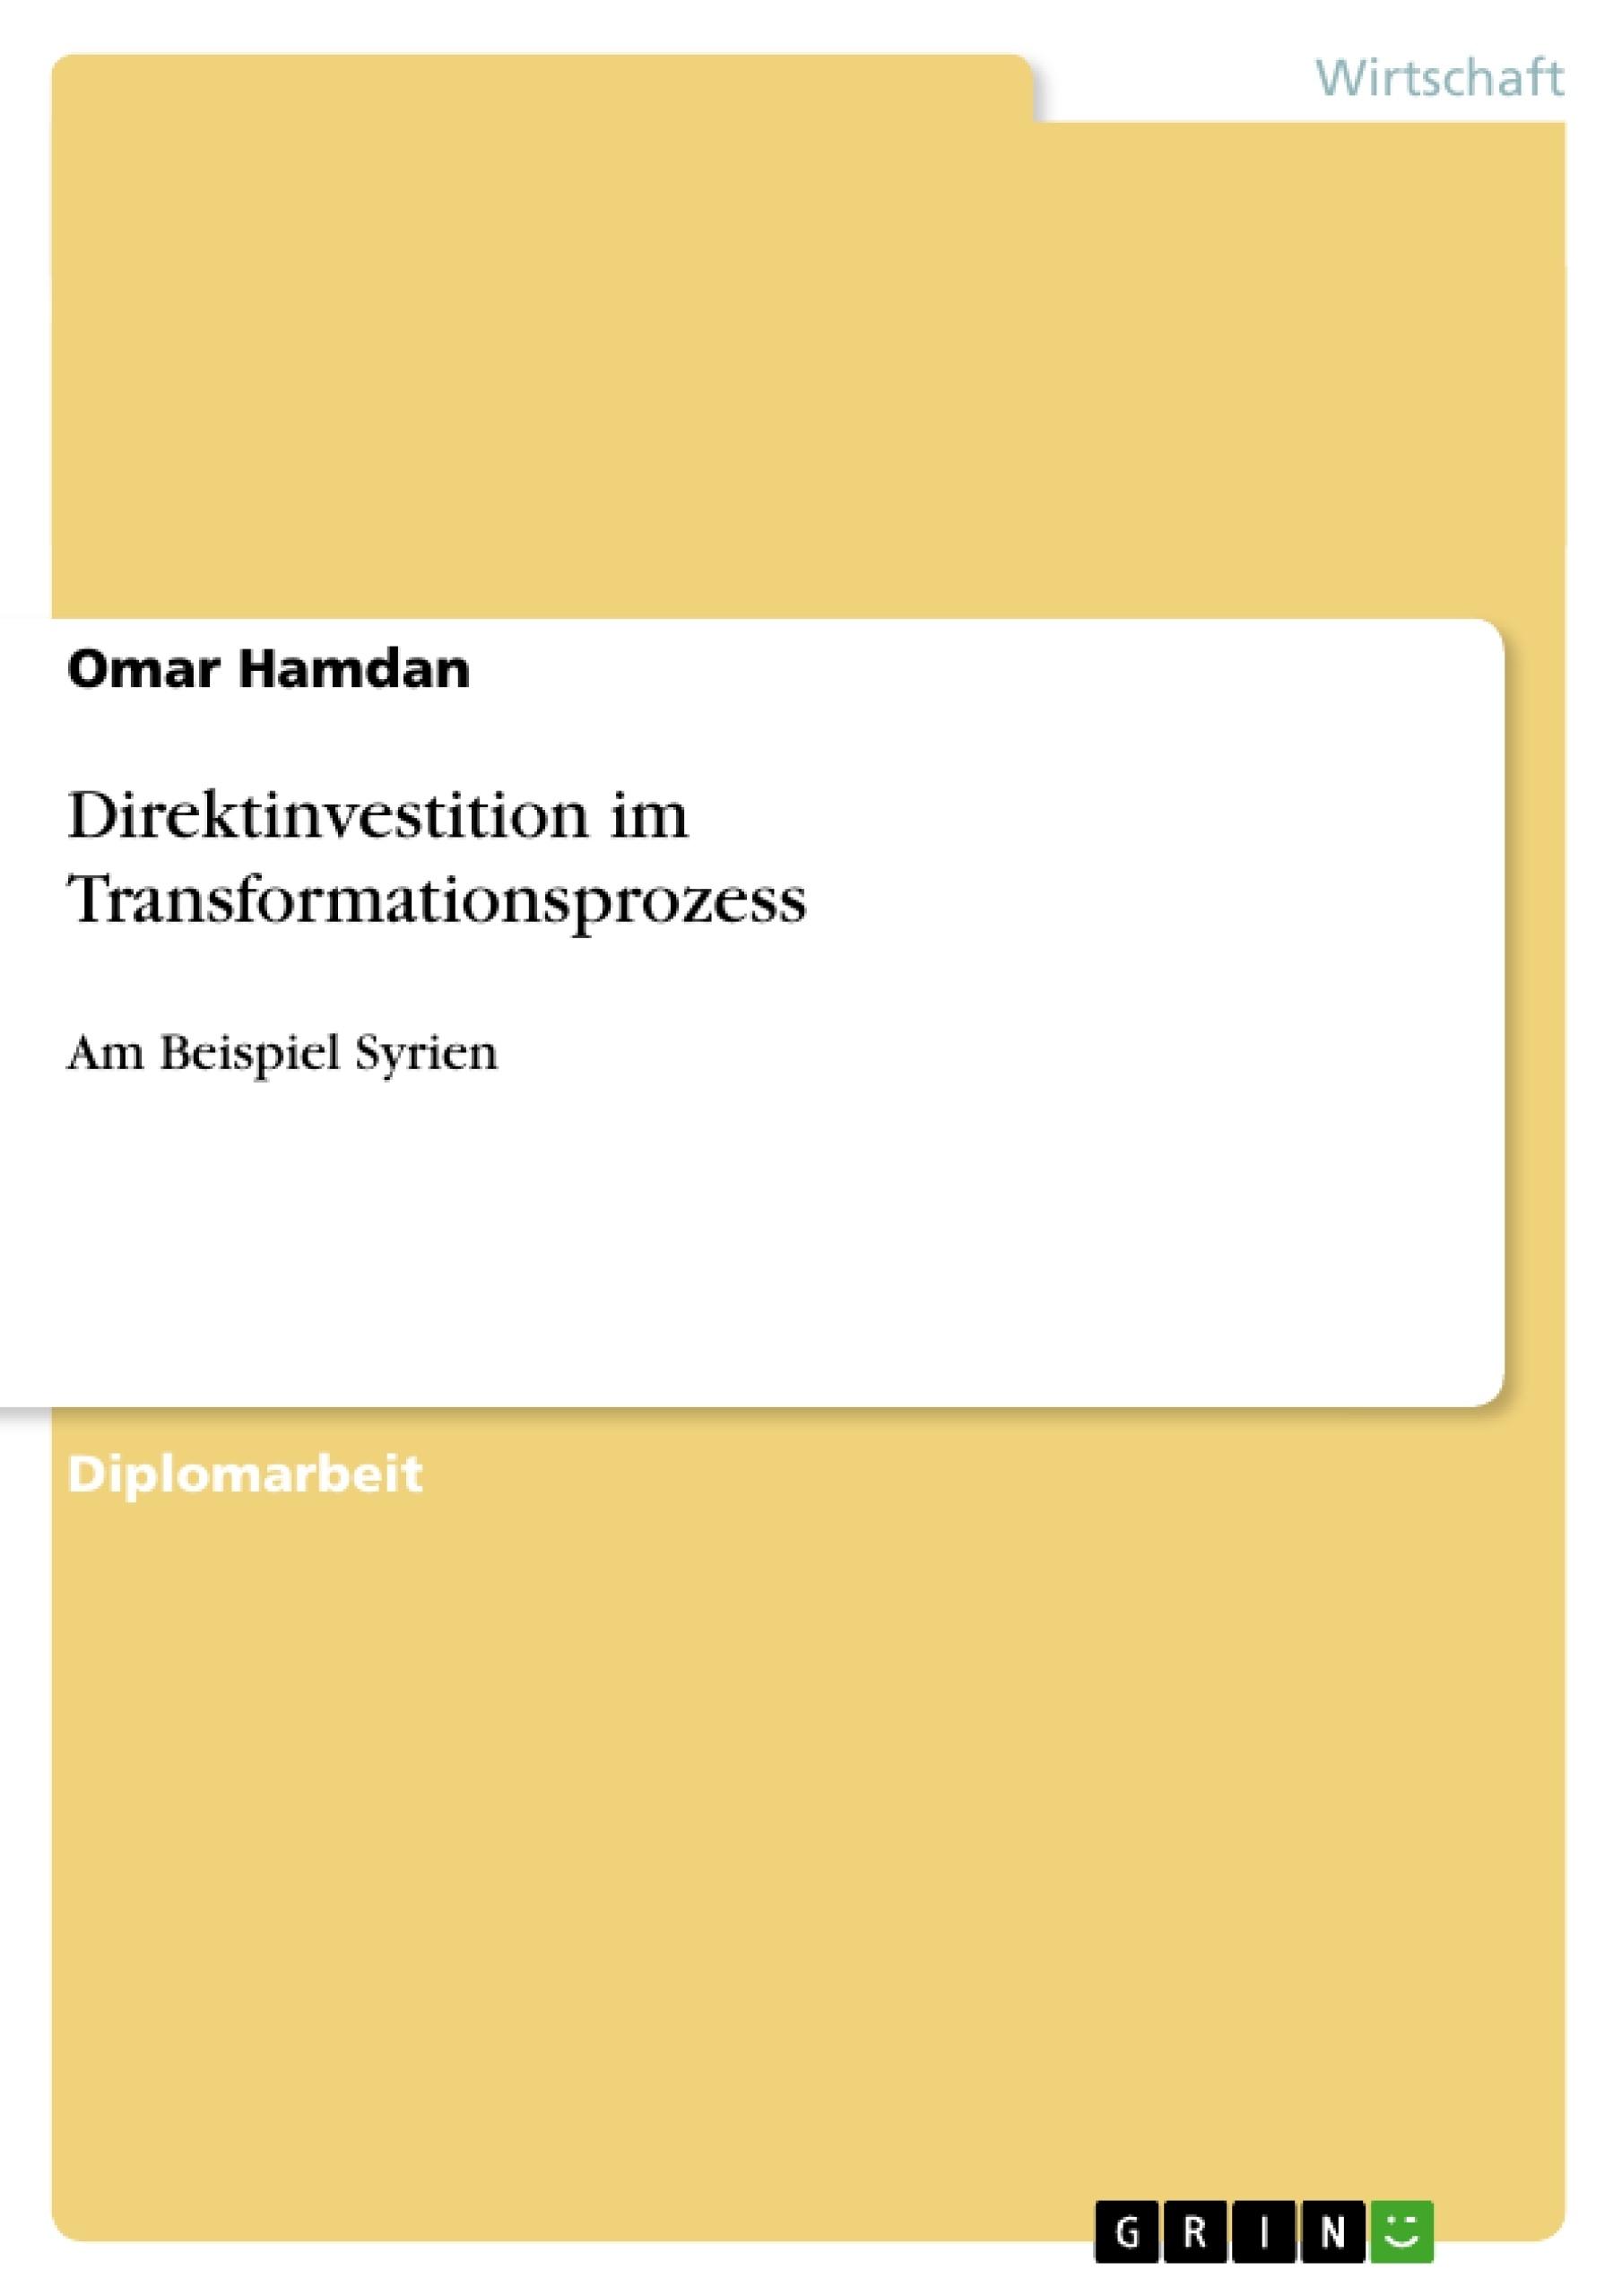 Titel: Direktinvestition im Transformationsprozess